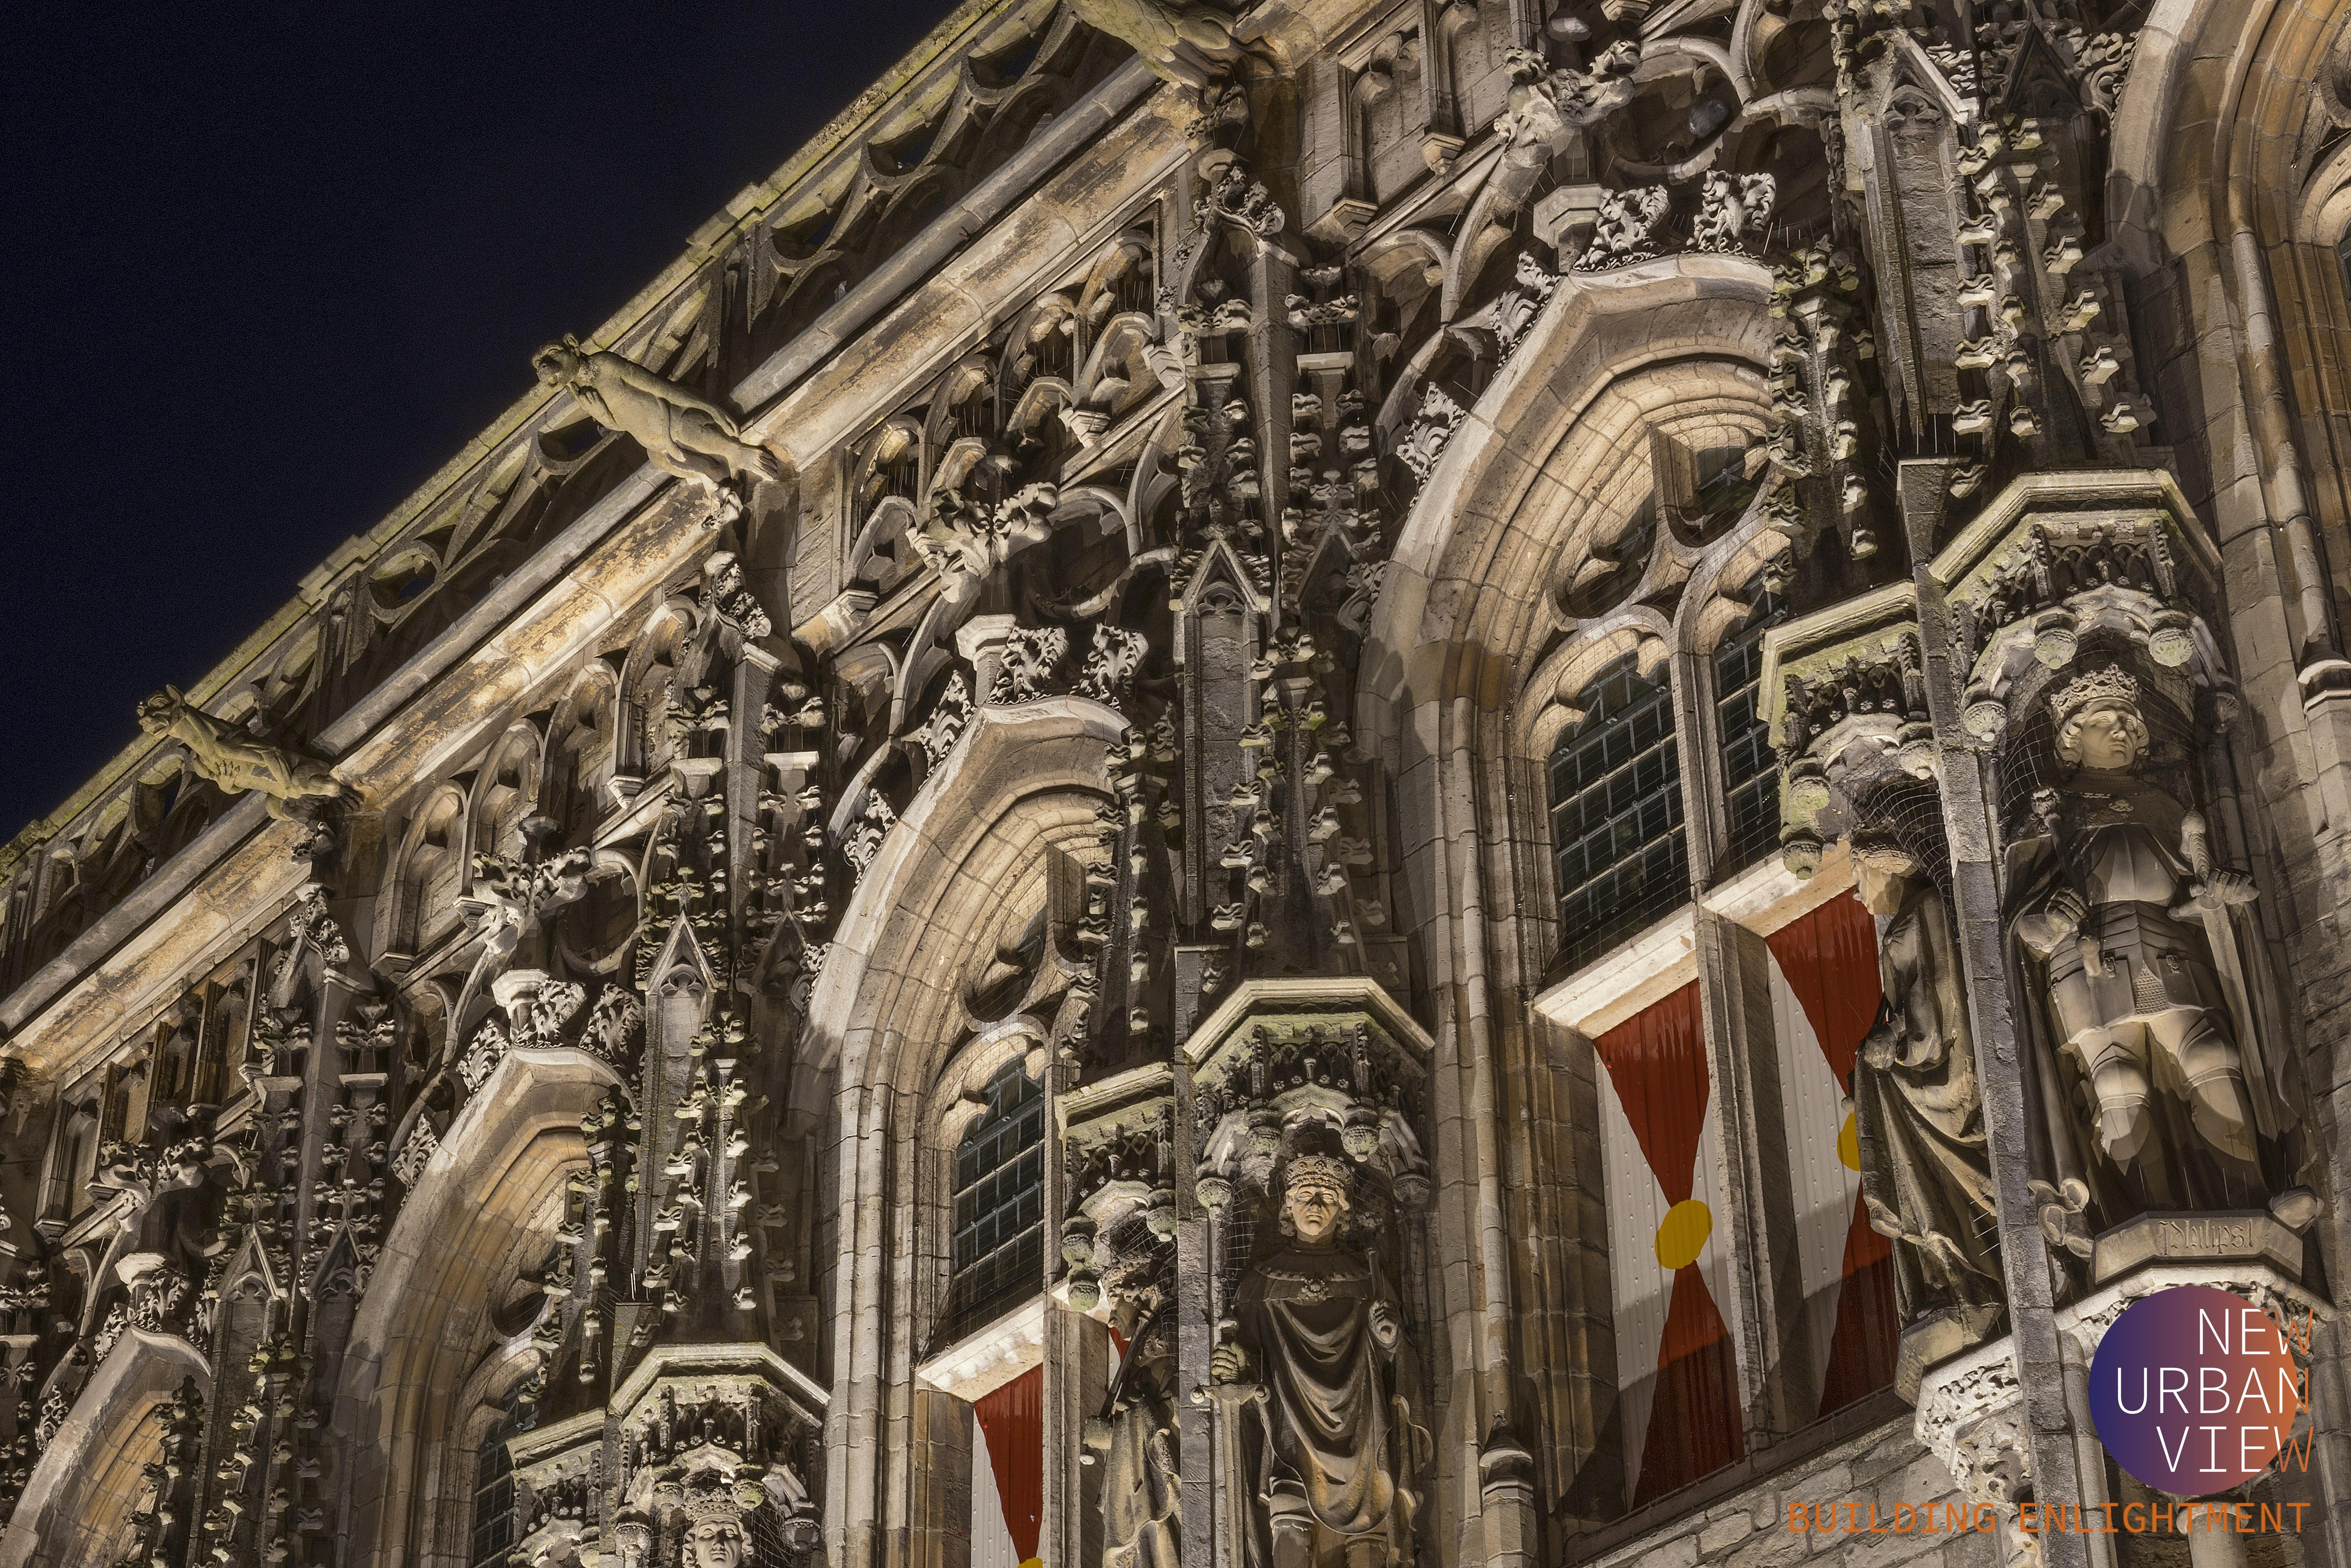 NEWURBANVIEW-Stadhuis-Middelburg-architectural-lighting-jeroen-jans